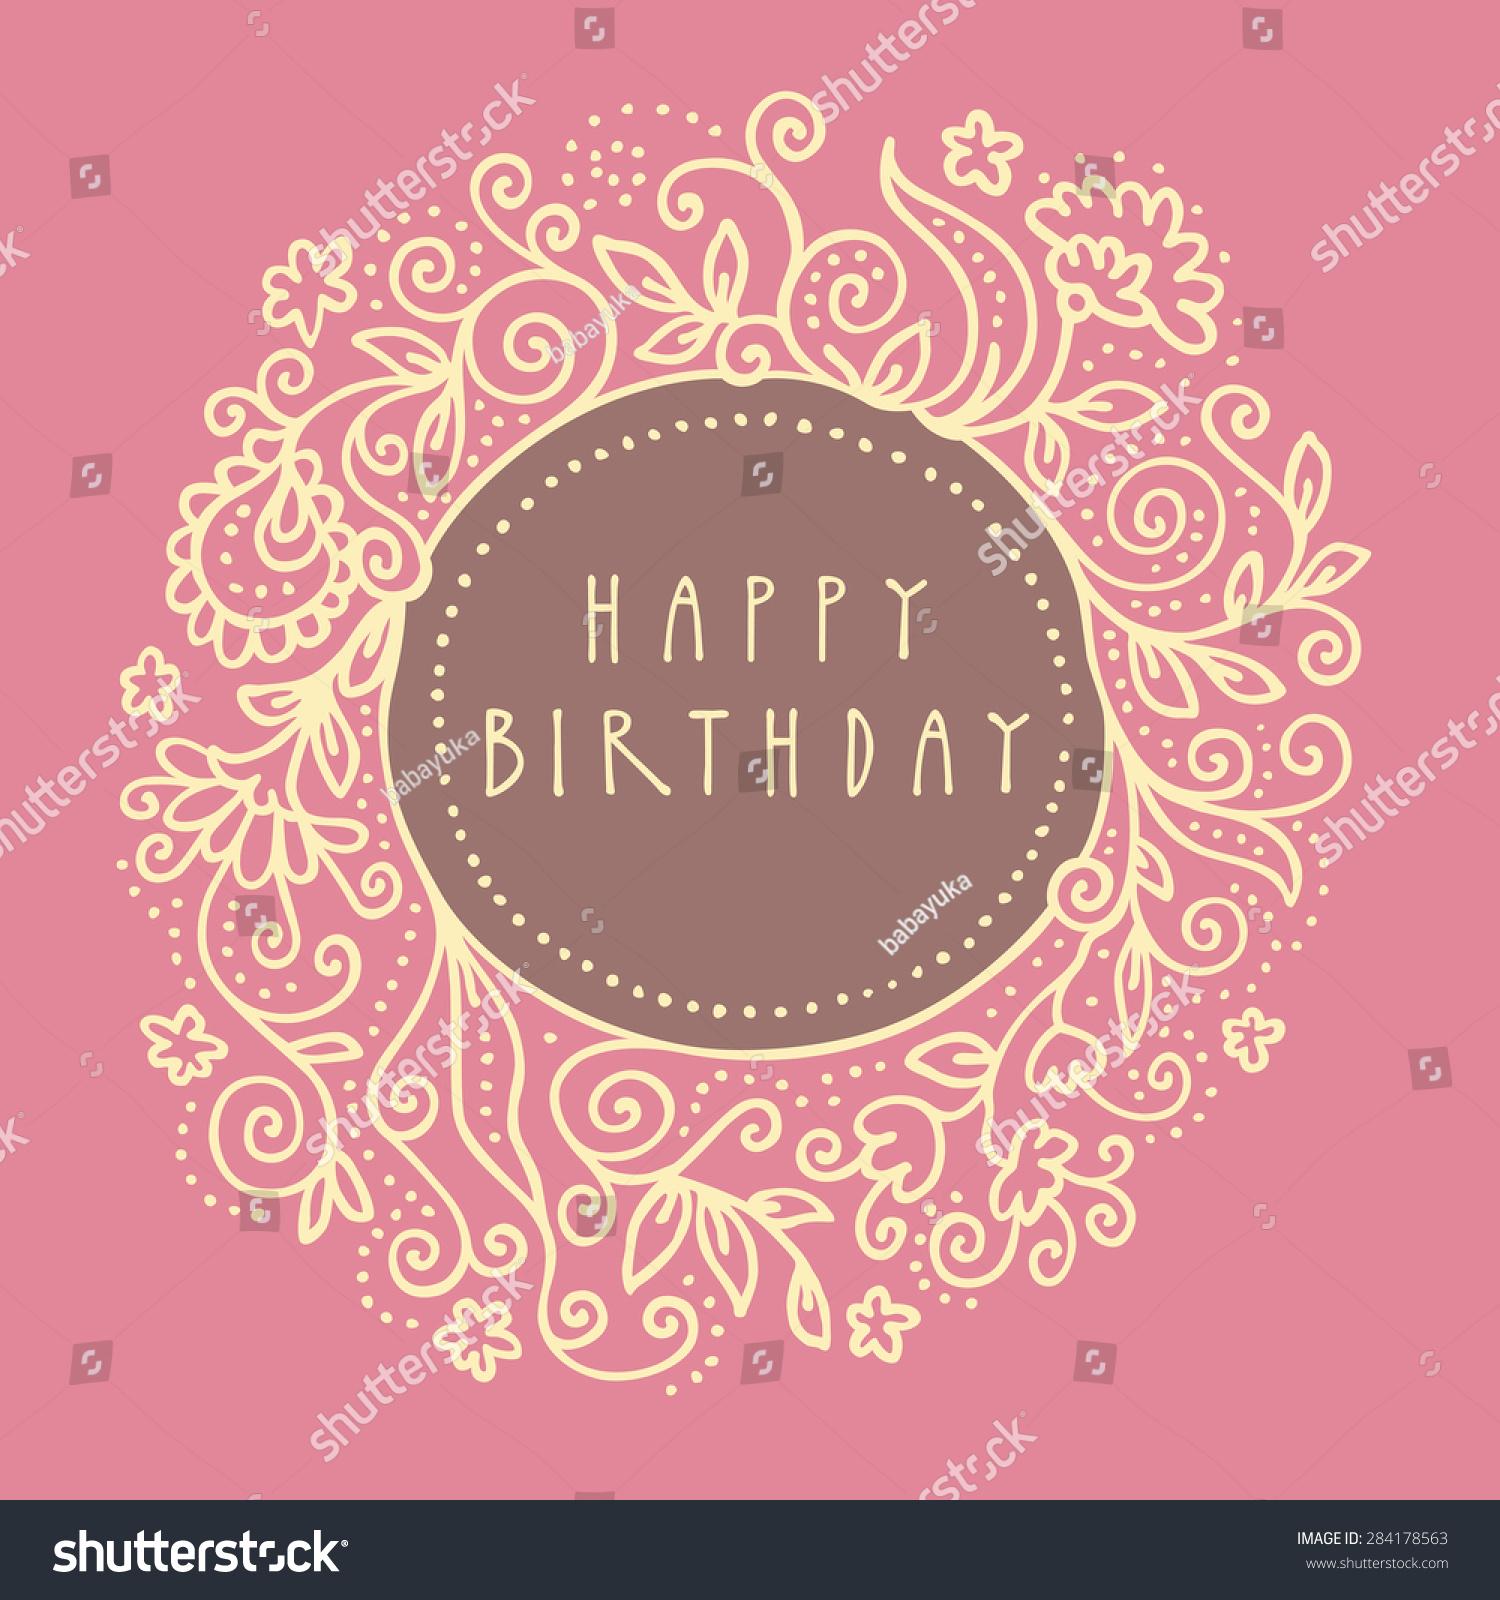 Suchen Sie Nach Dirty Pink Happy Birthday Shabby Chic Stockbildern In Hd Und Millionen Weiteren Lizenzfreien Stockfotos Illustrationen Und Vektorgrafiken In Der Shutterstock Kollektion Jeden Tag Werden Tausende Neue Hochwertige Bilder Hinzugefugt